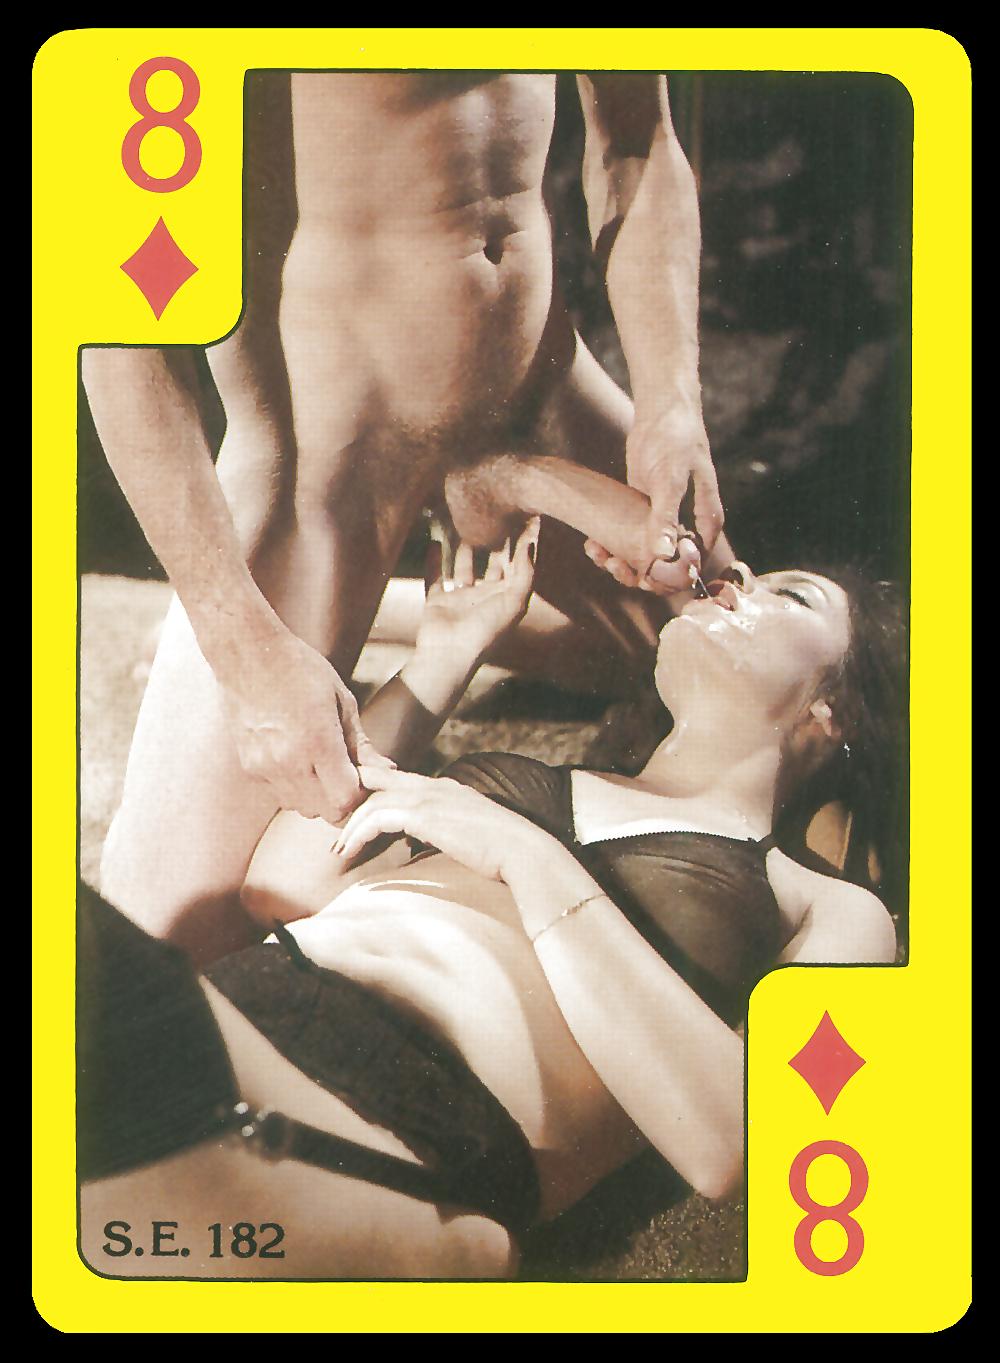 Форум о сексе карточные секс игры 14